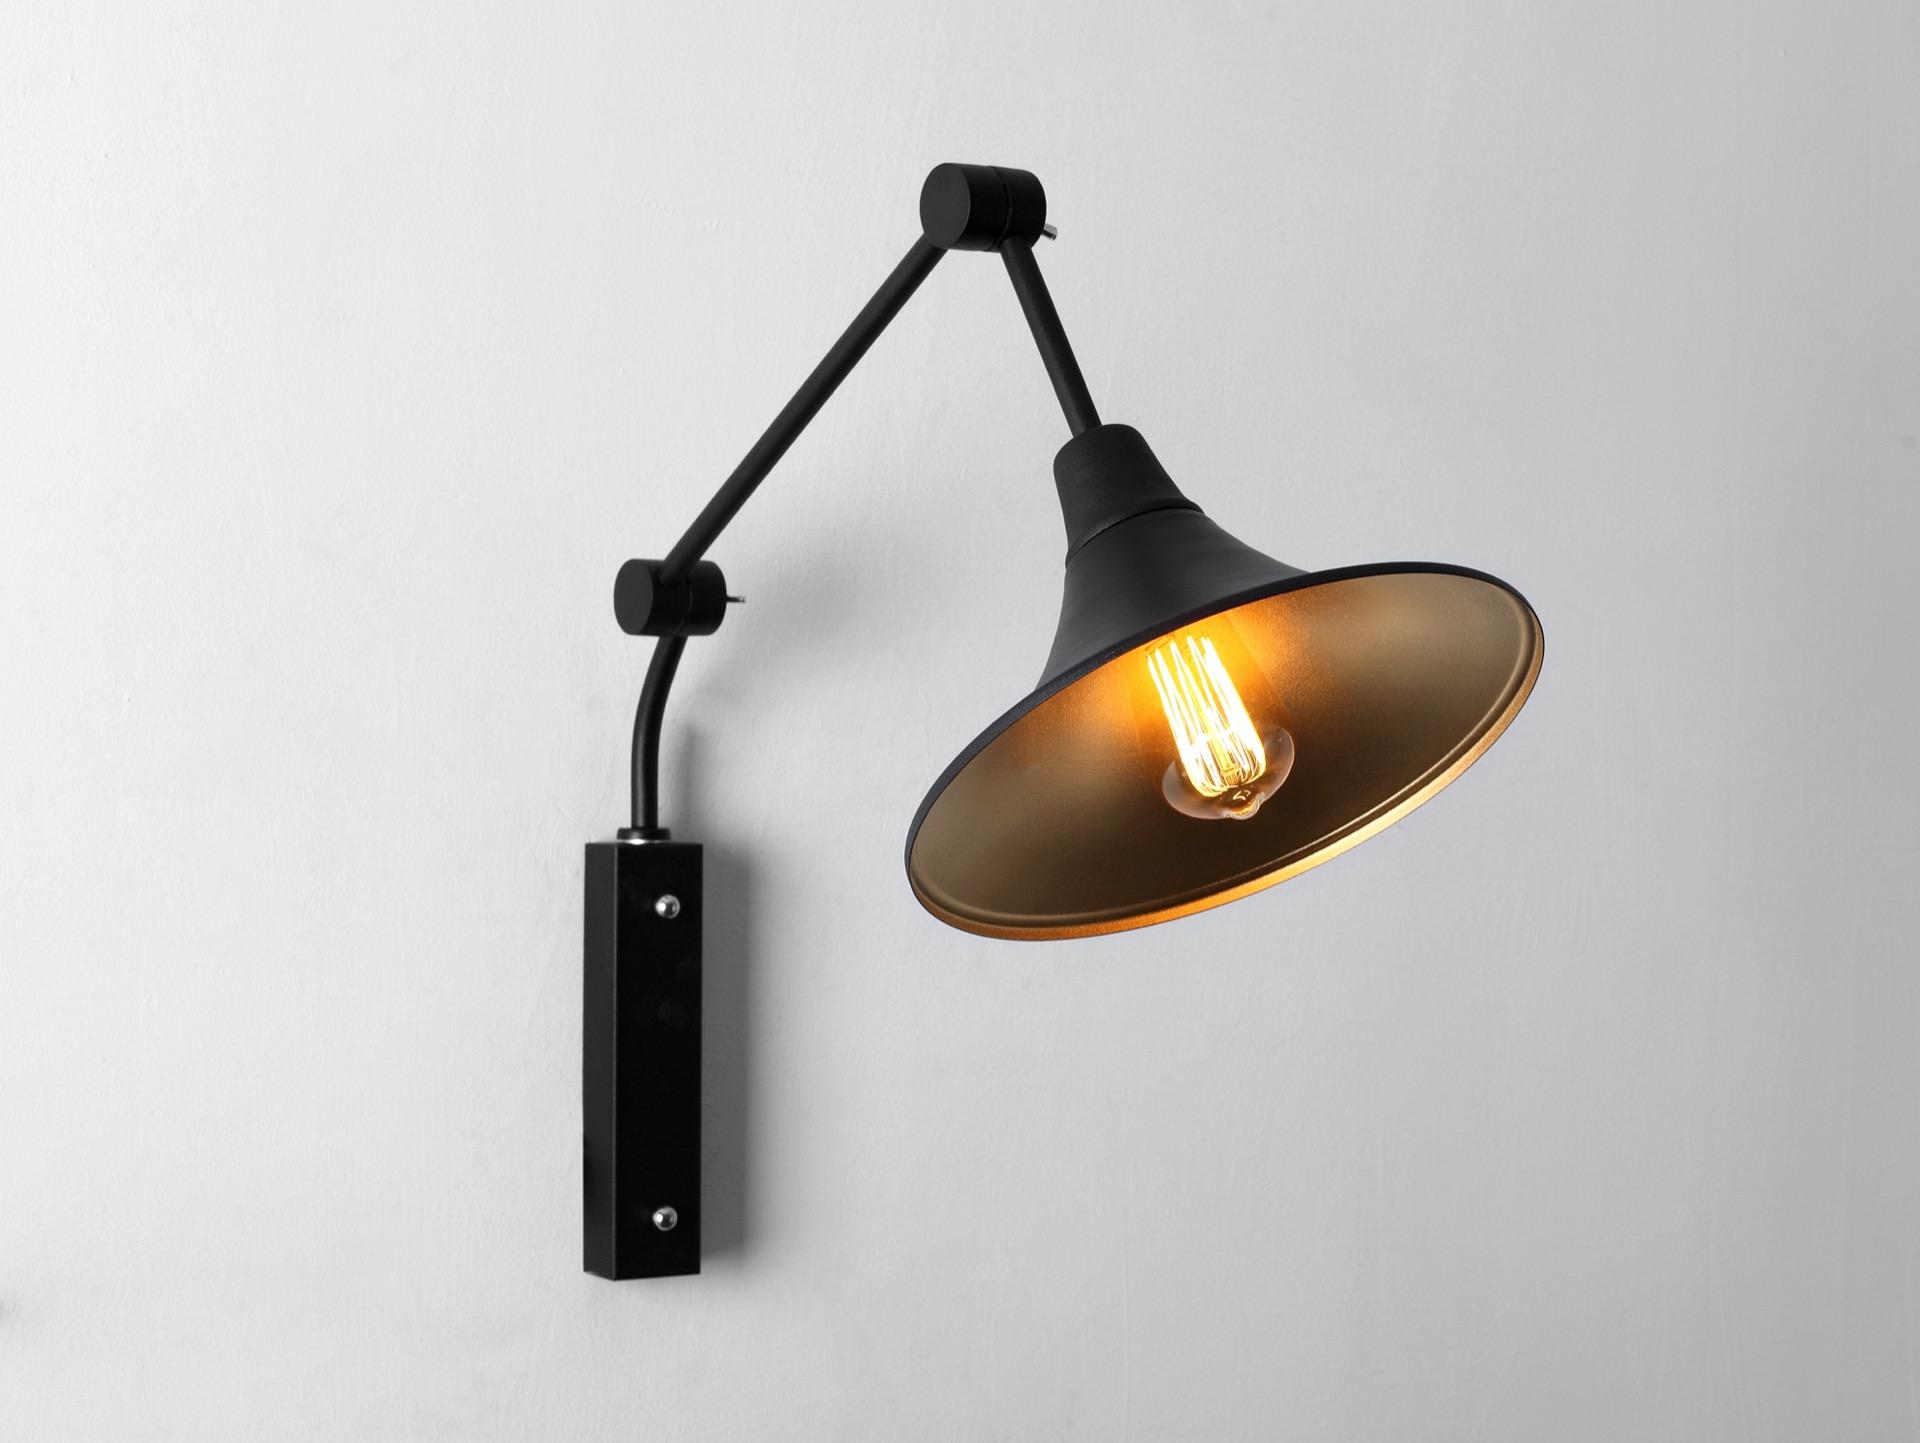 Wandlampe MILLER WALL